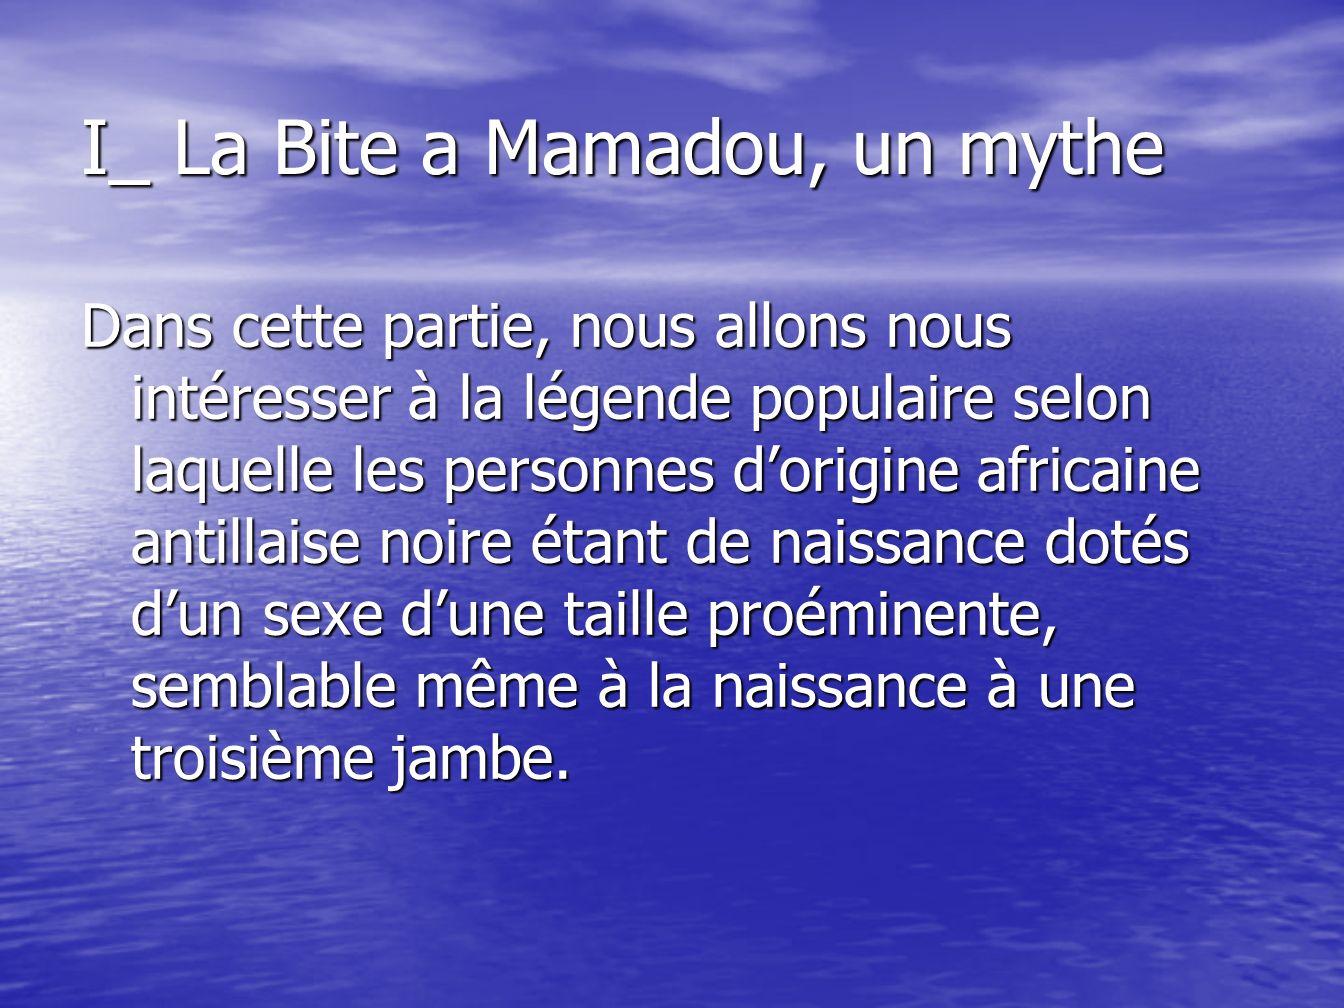 I_ La Bite a Mamadou, un mythe